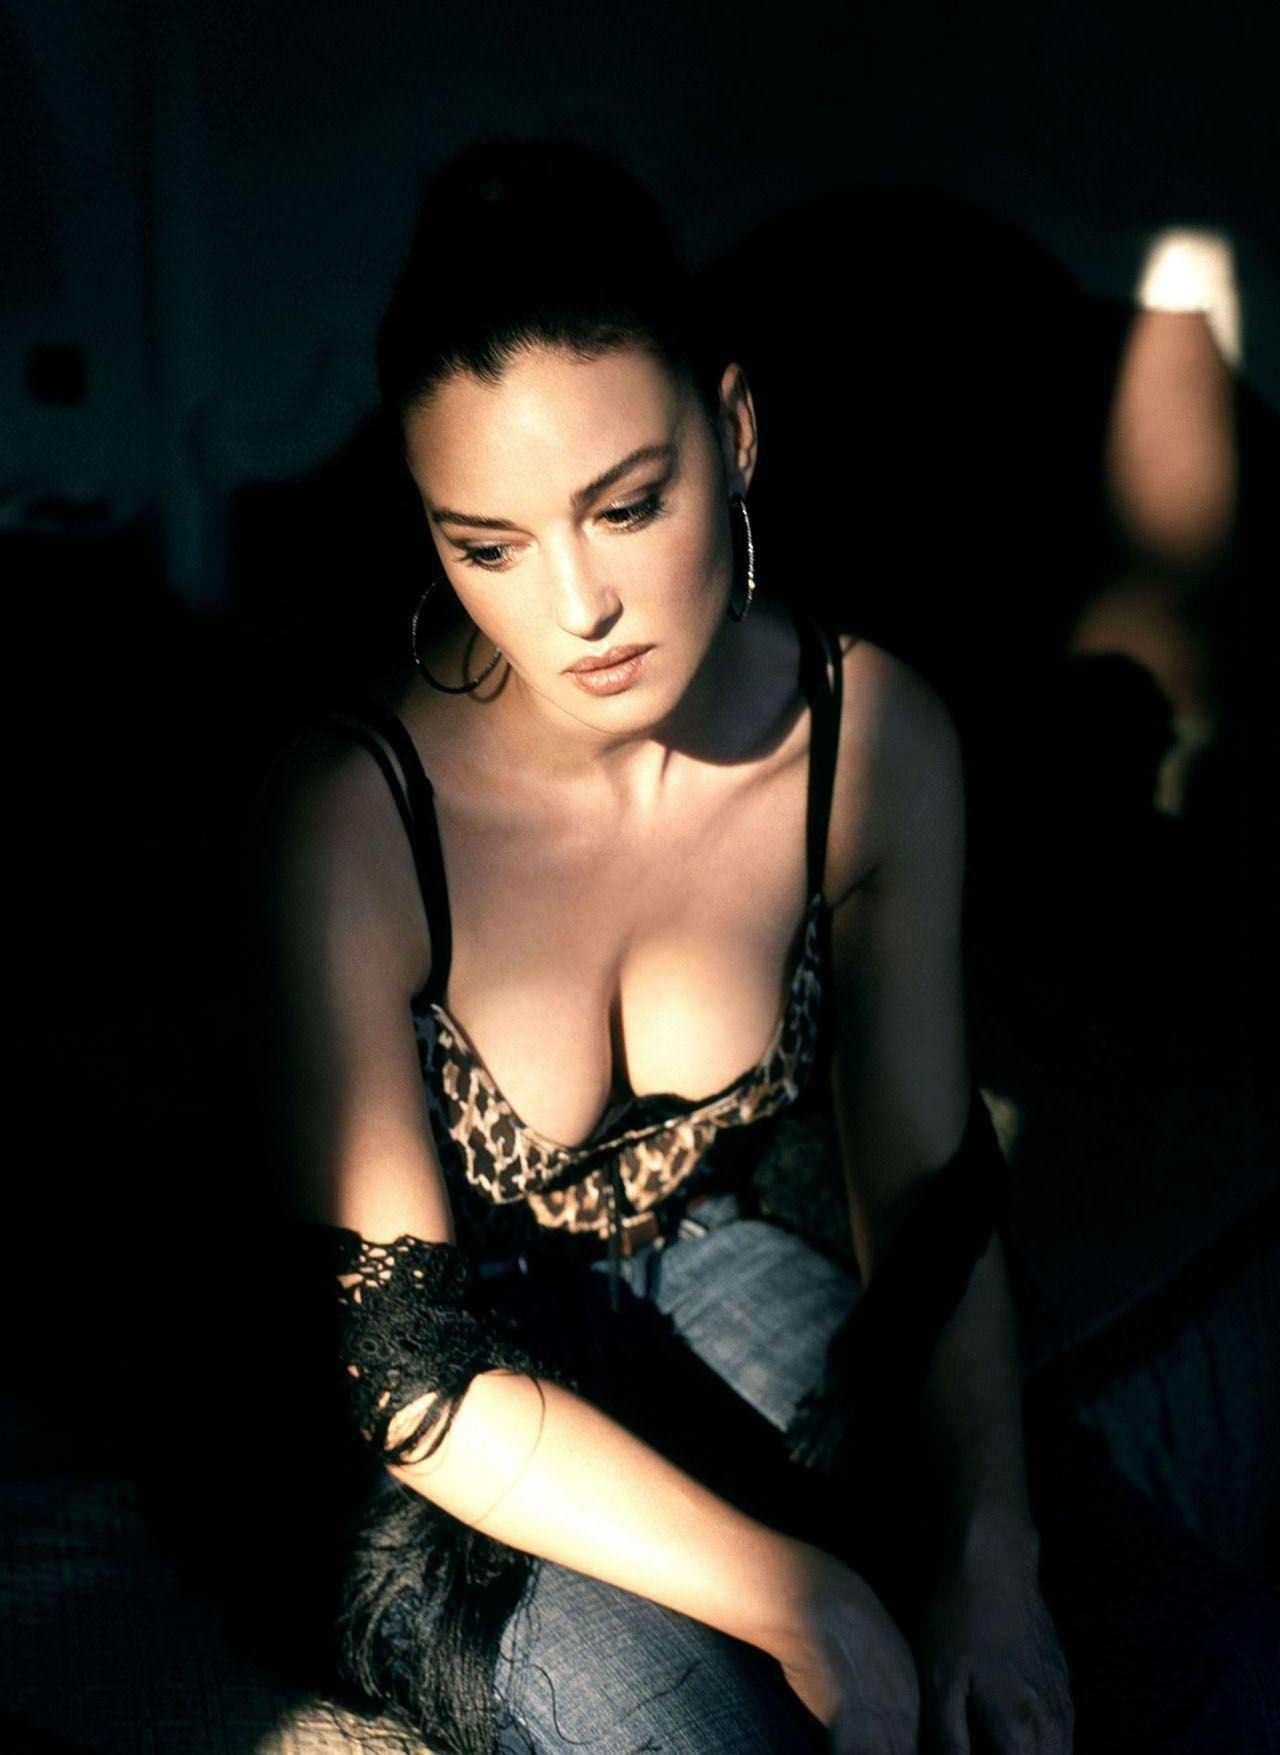 【外人】イタリア人女優モニカ・ベルッチ(Monica Bellucci)の大胆おっぱい露出ポルノ画像 3814